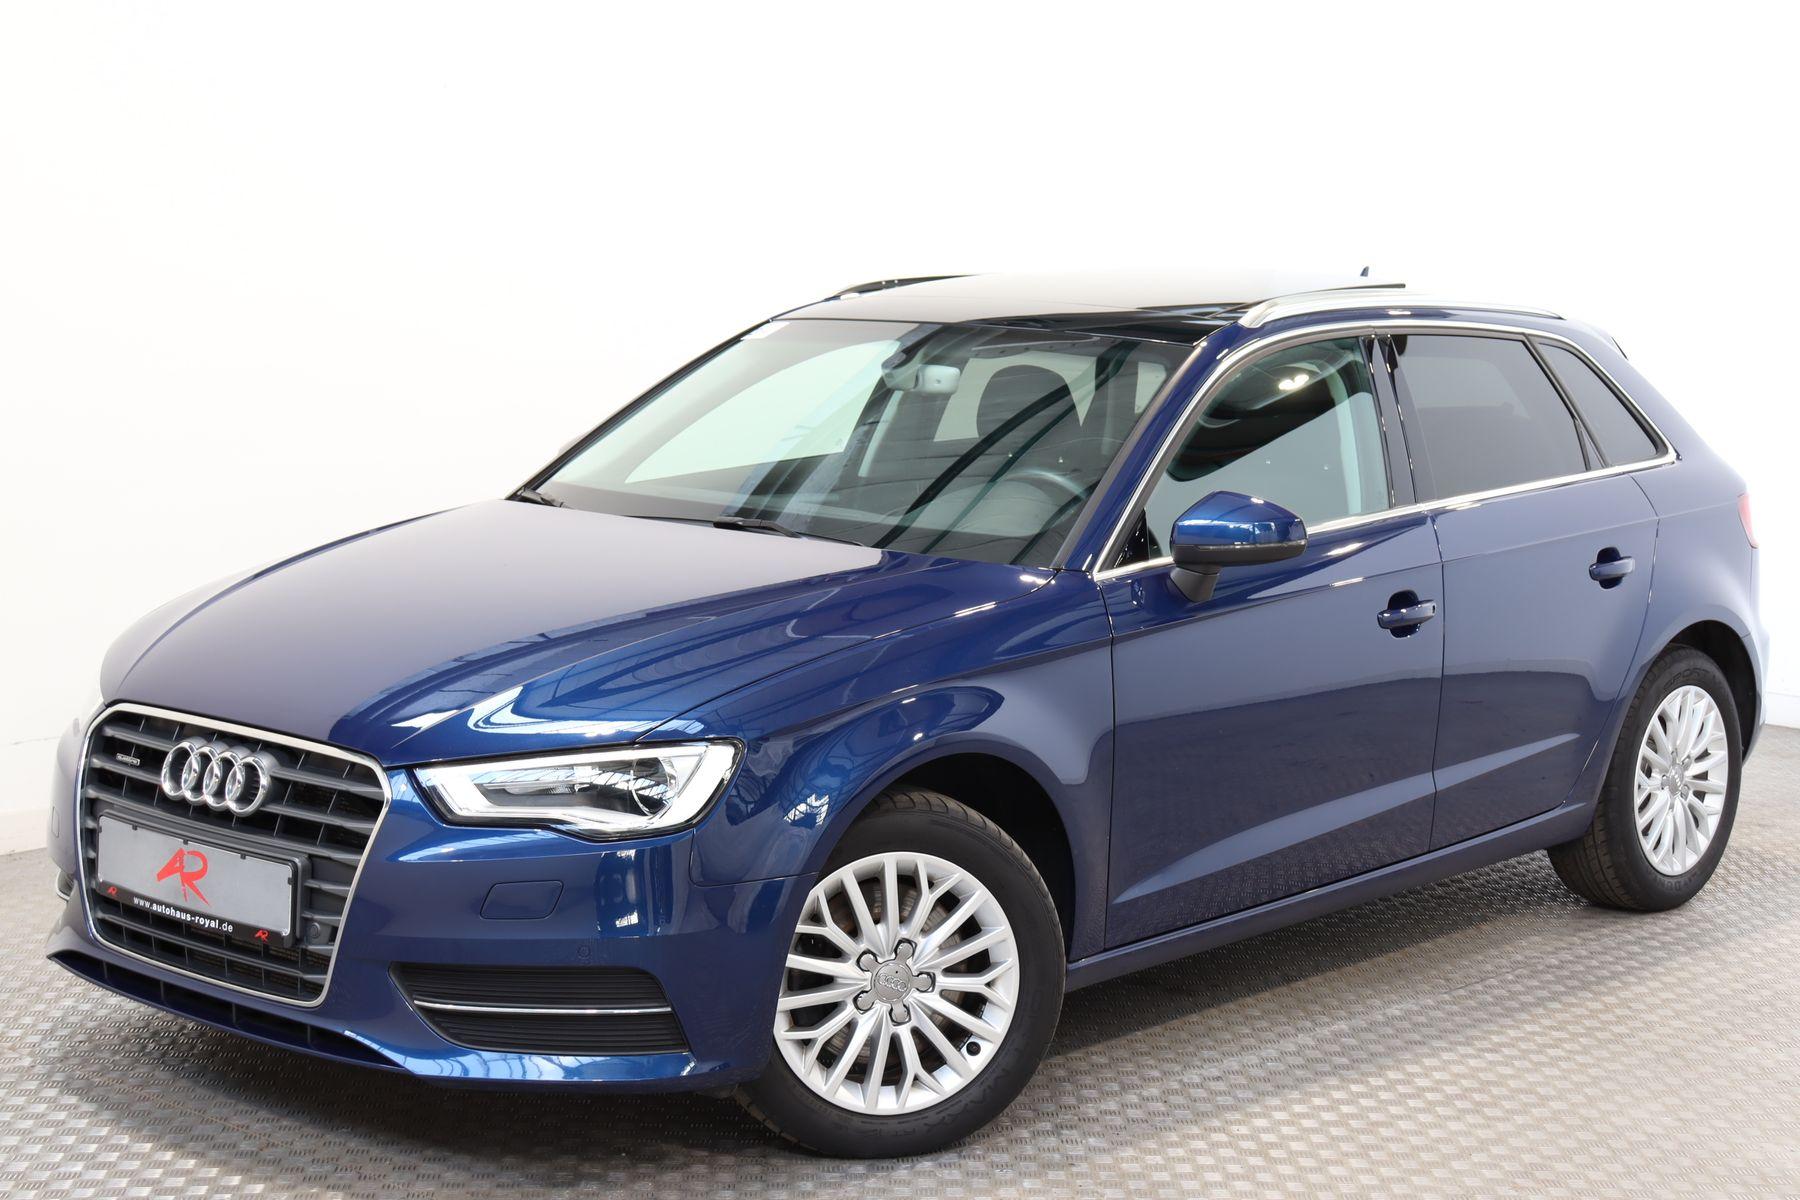 Audi A3 SB 2.0 TDI qu PDC,NAVI,TEMPOMAT,PANO,STANDHZ., Jahr 2016, Diesel